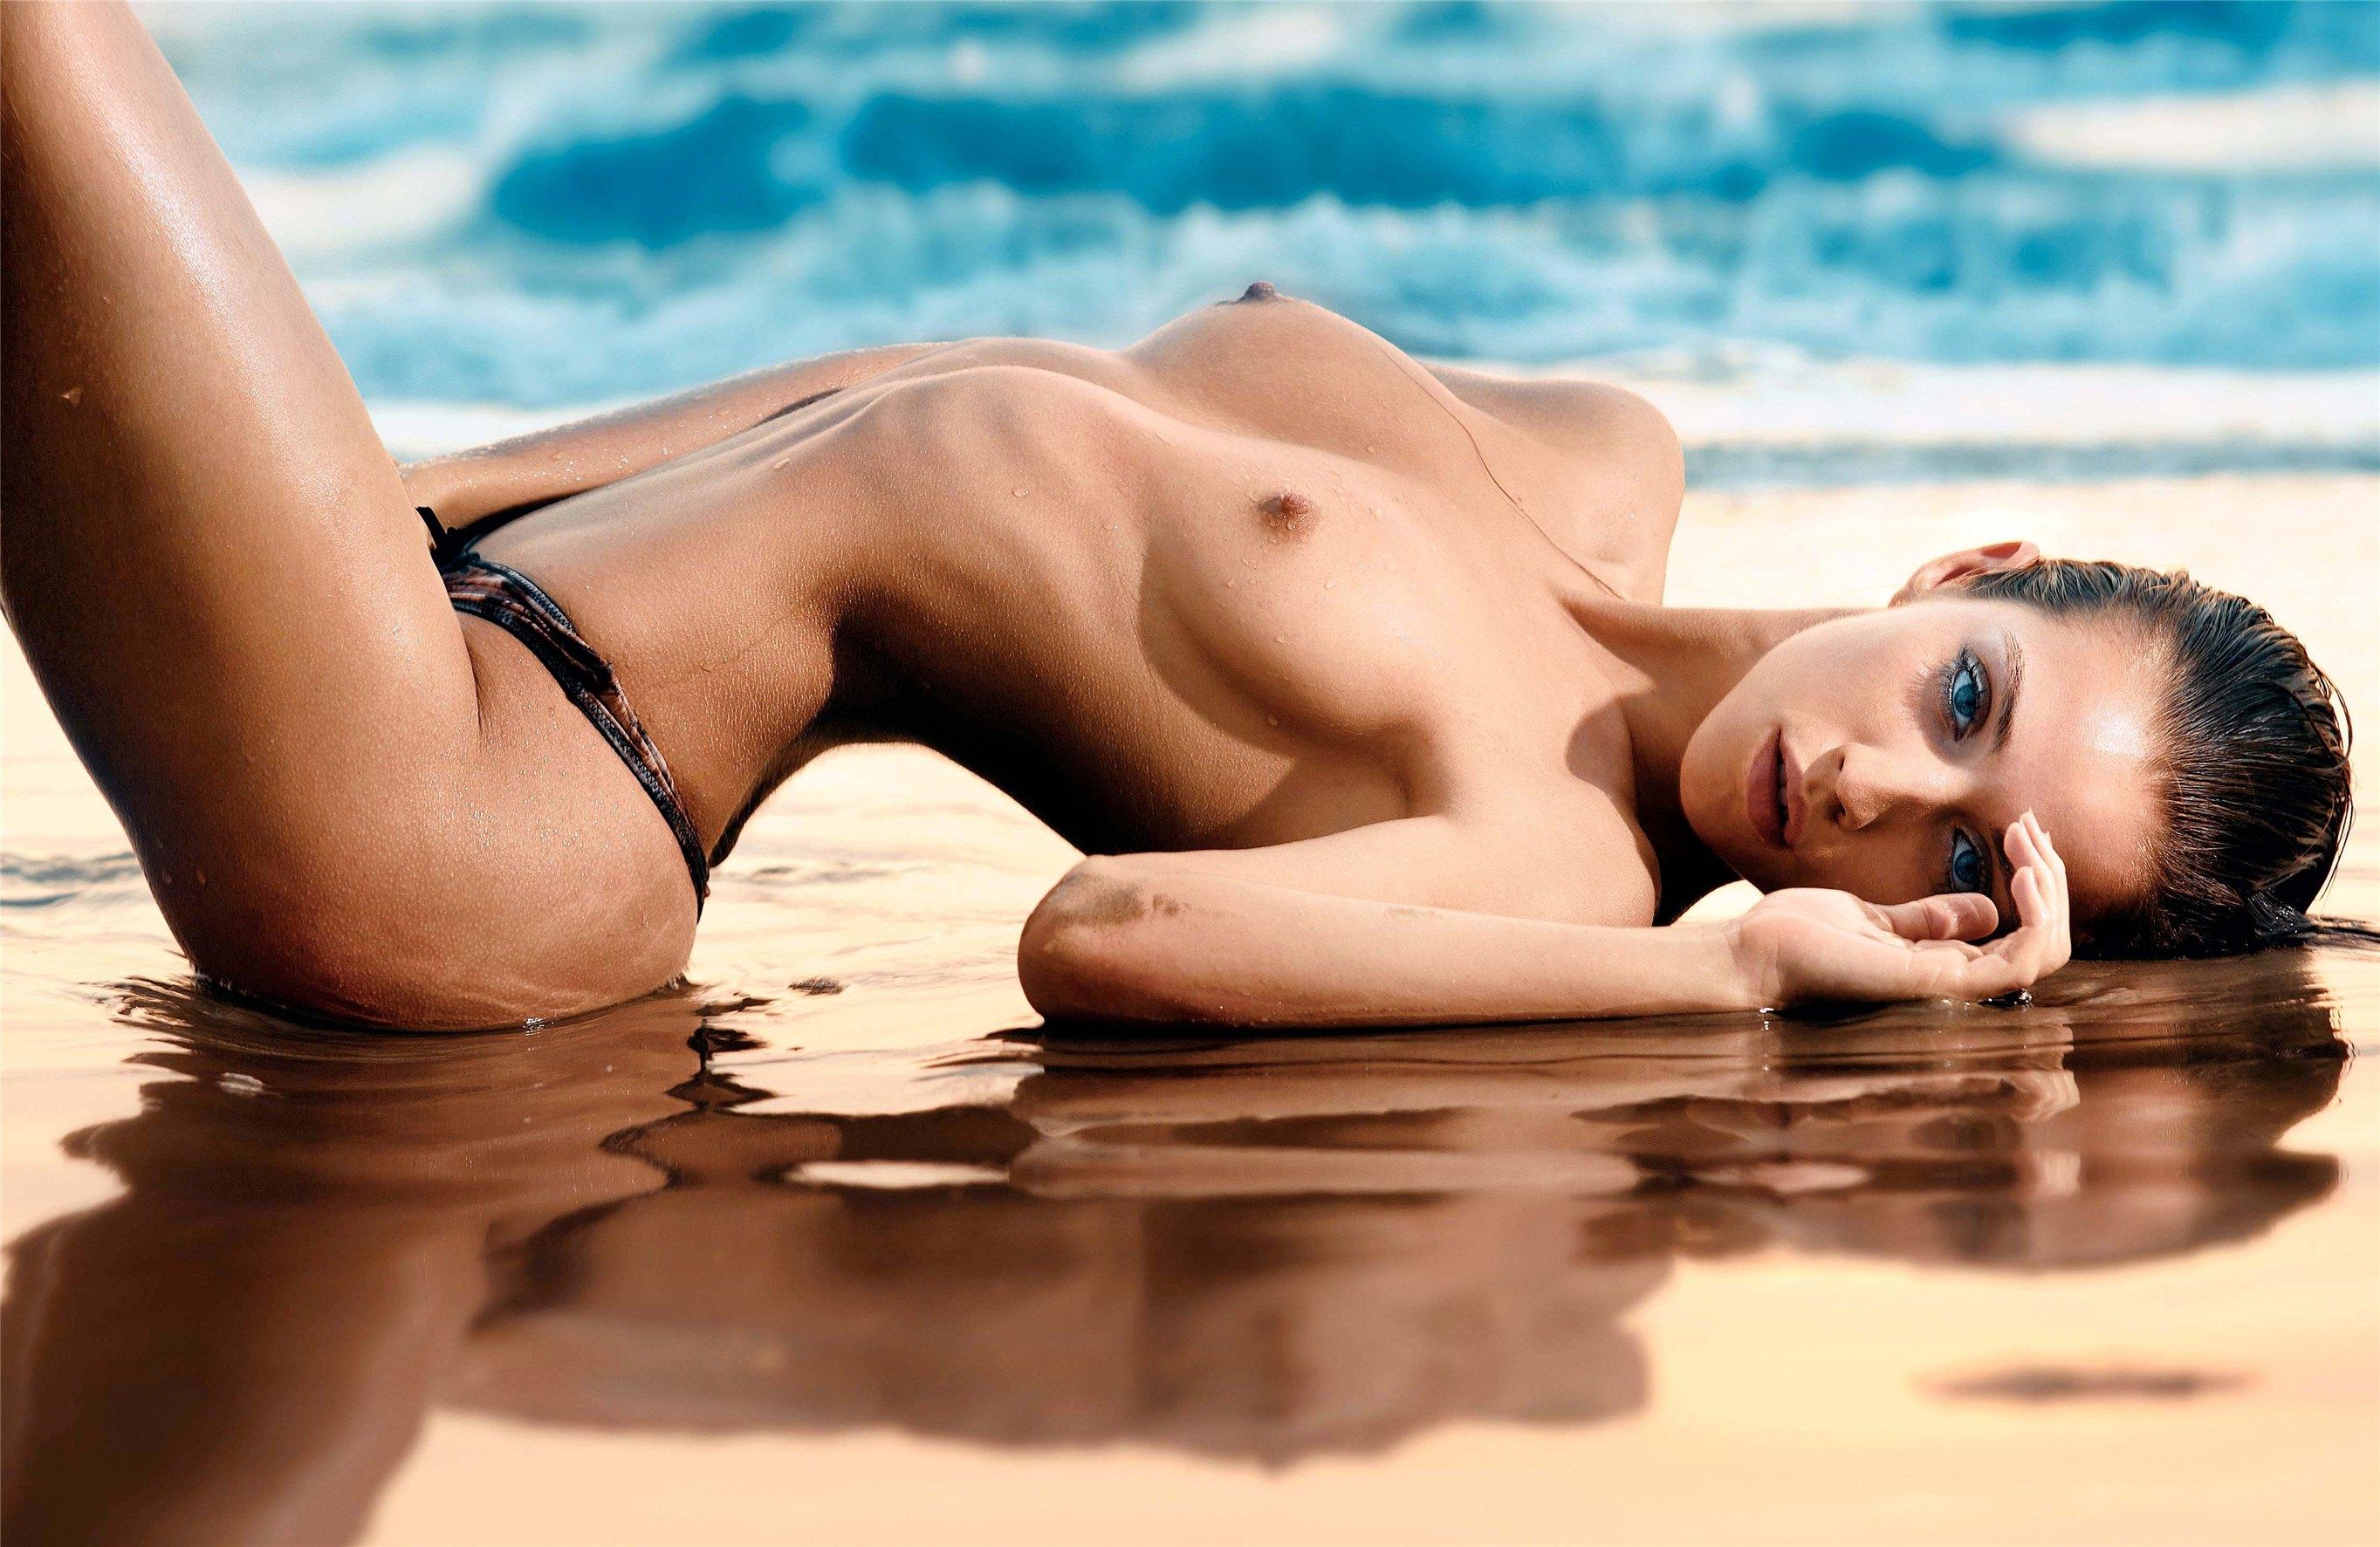 Проф фото голых моделей 21 фотография